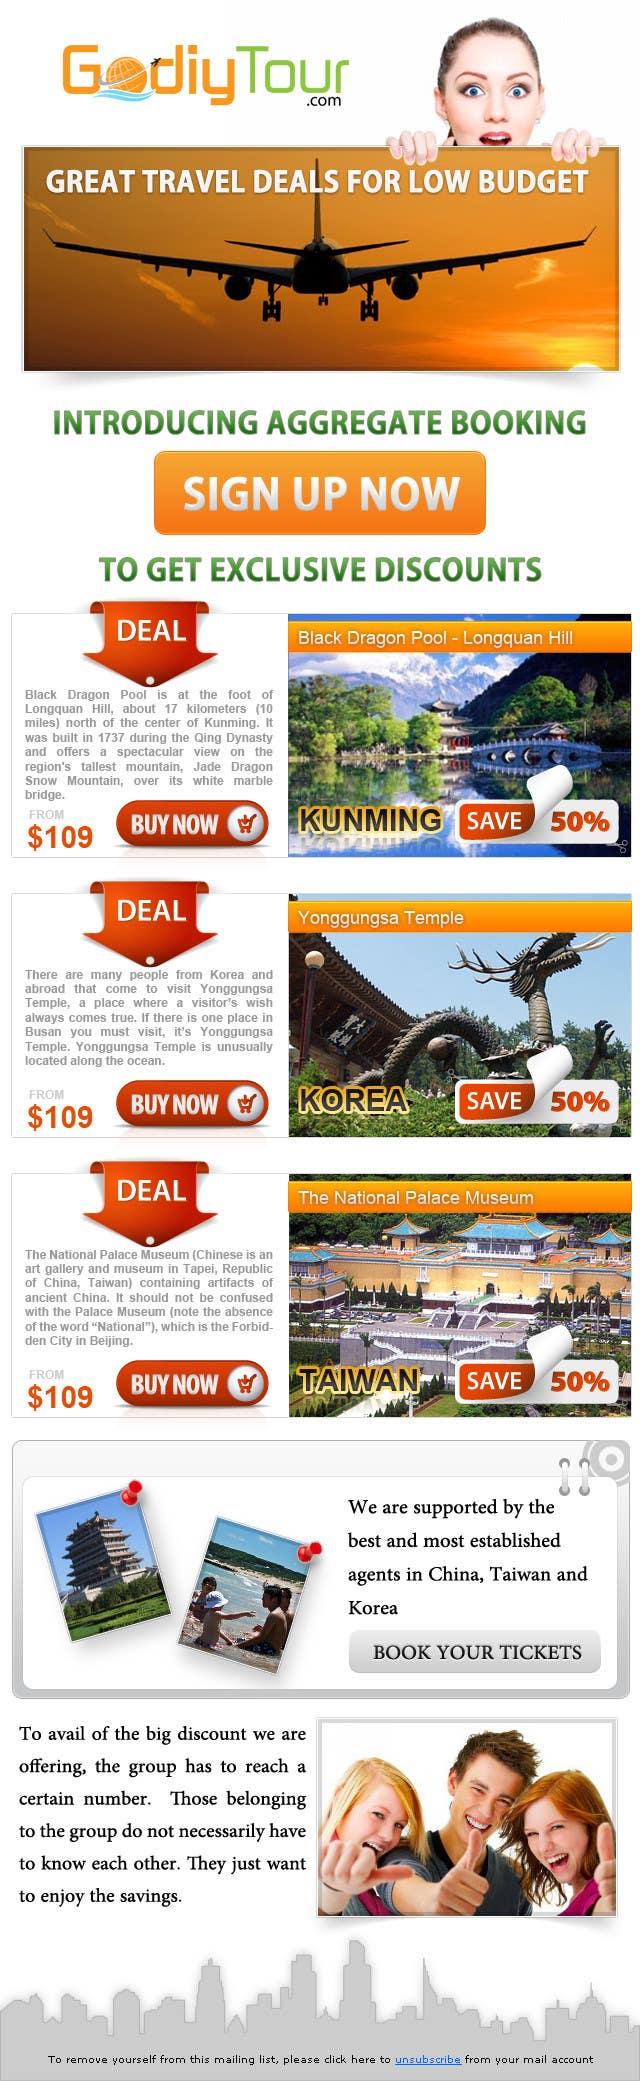 Penyertaan Peraduan #13 untuk Advertisement Design for Godiytour.com